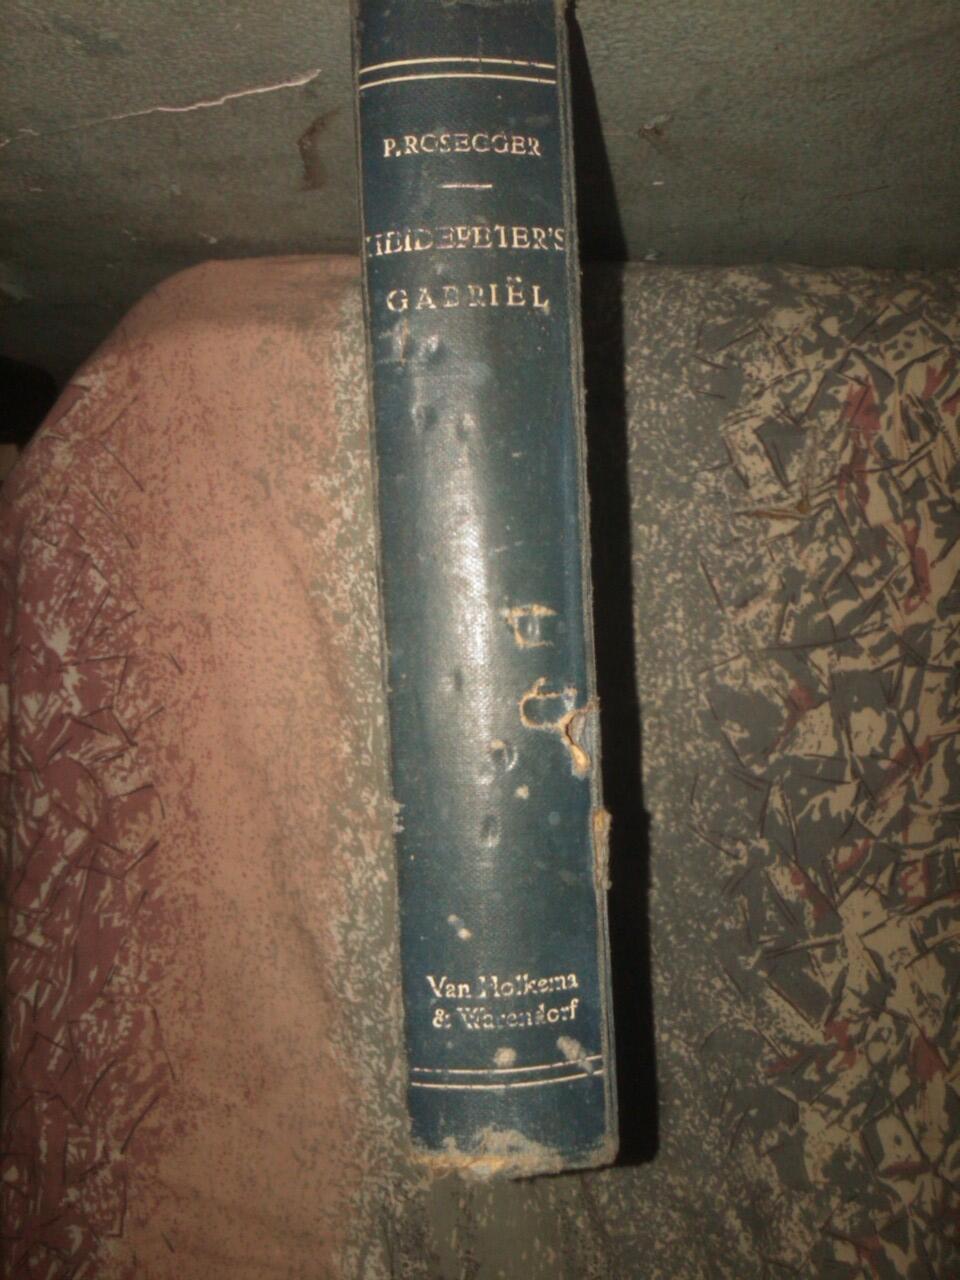 jual buku Heide Peterr Gabriel karya peterr rosseger